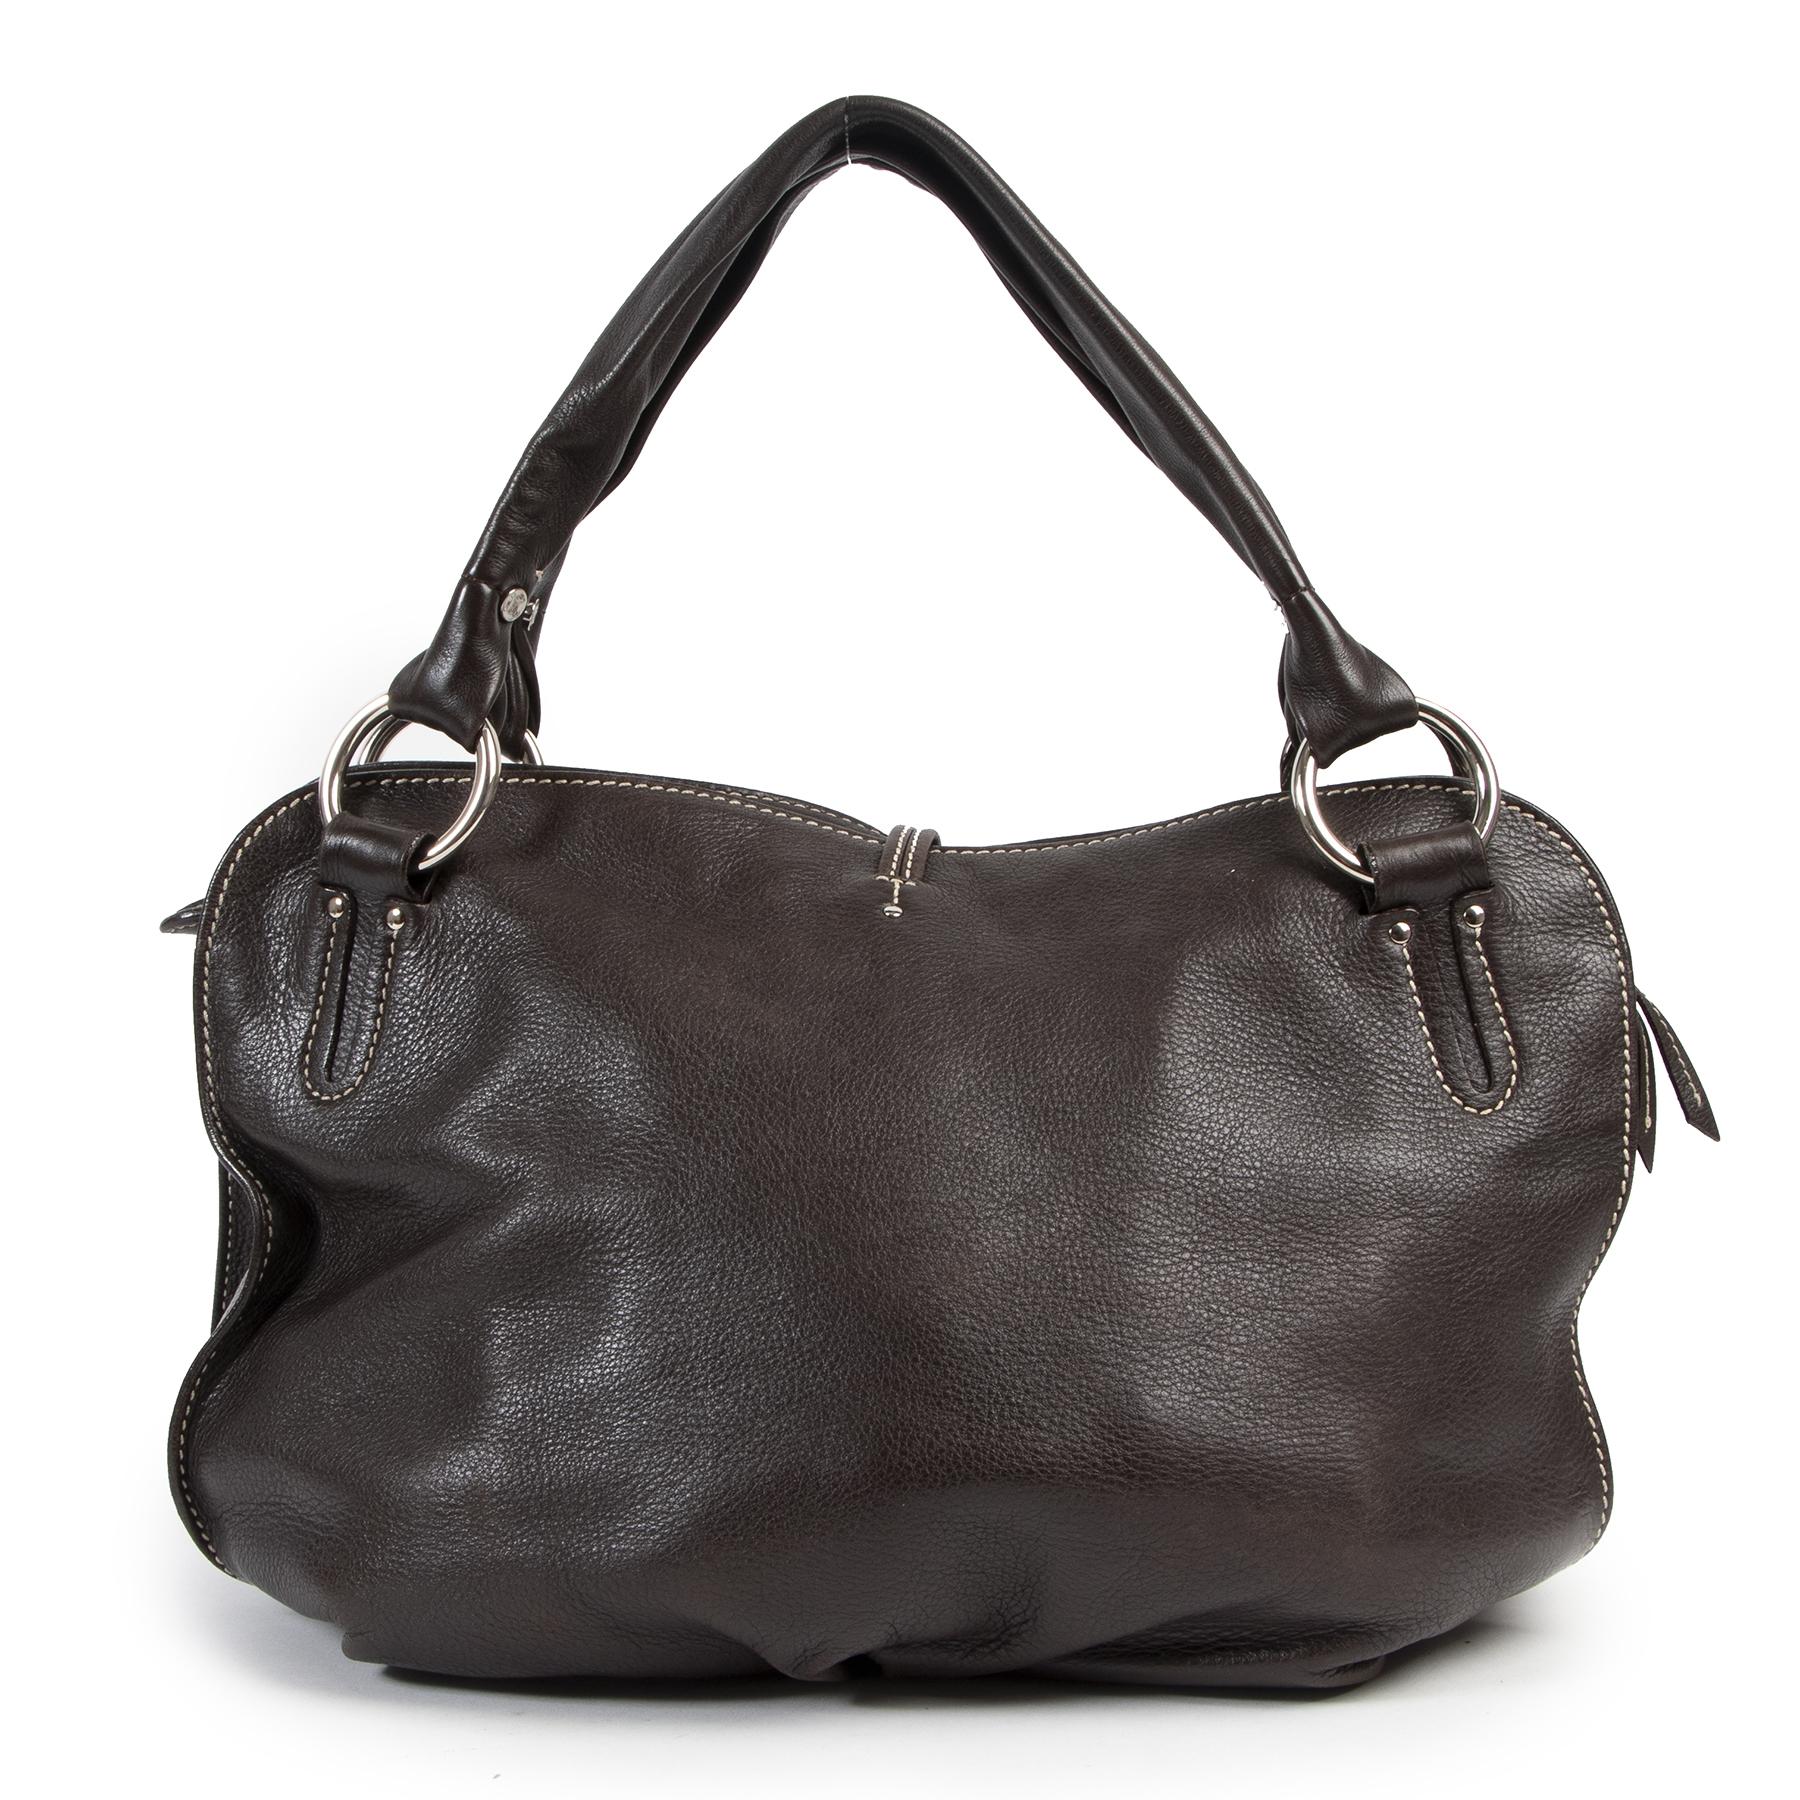 Authentieke Tweedehands Celine Brown Leather Bittersweet Hobo Bag juiste prijs veilig online shoppen luxe merken webshop winkelen Antwerpen België mode fashion